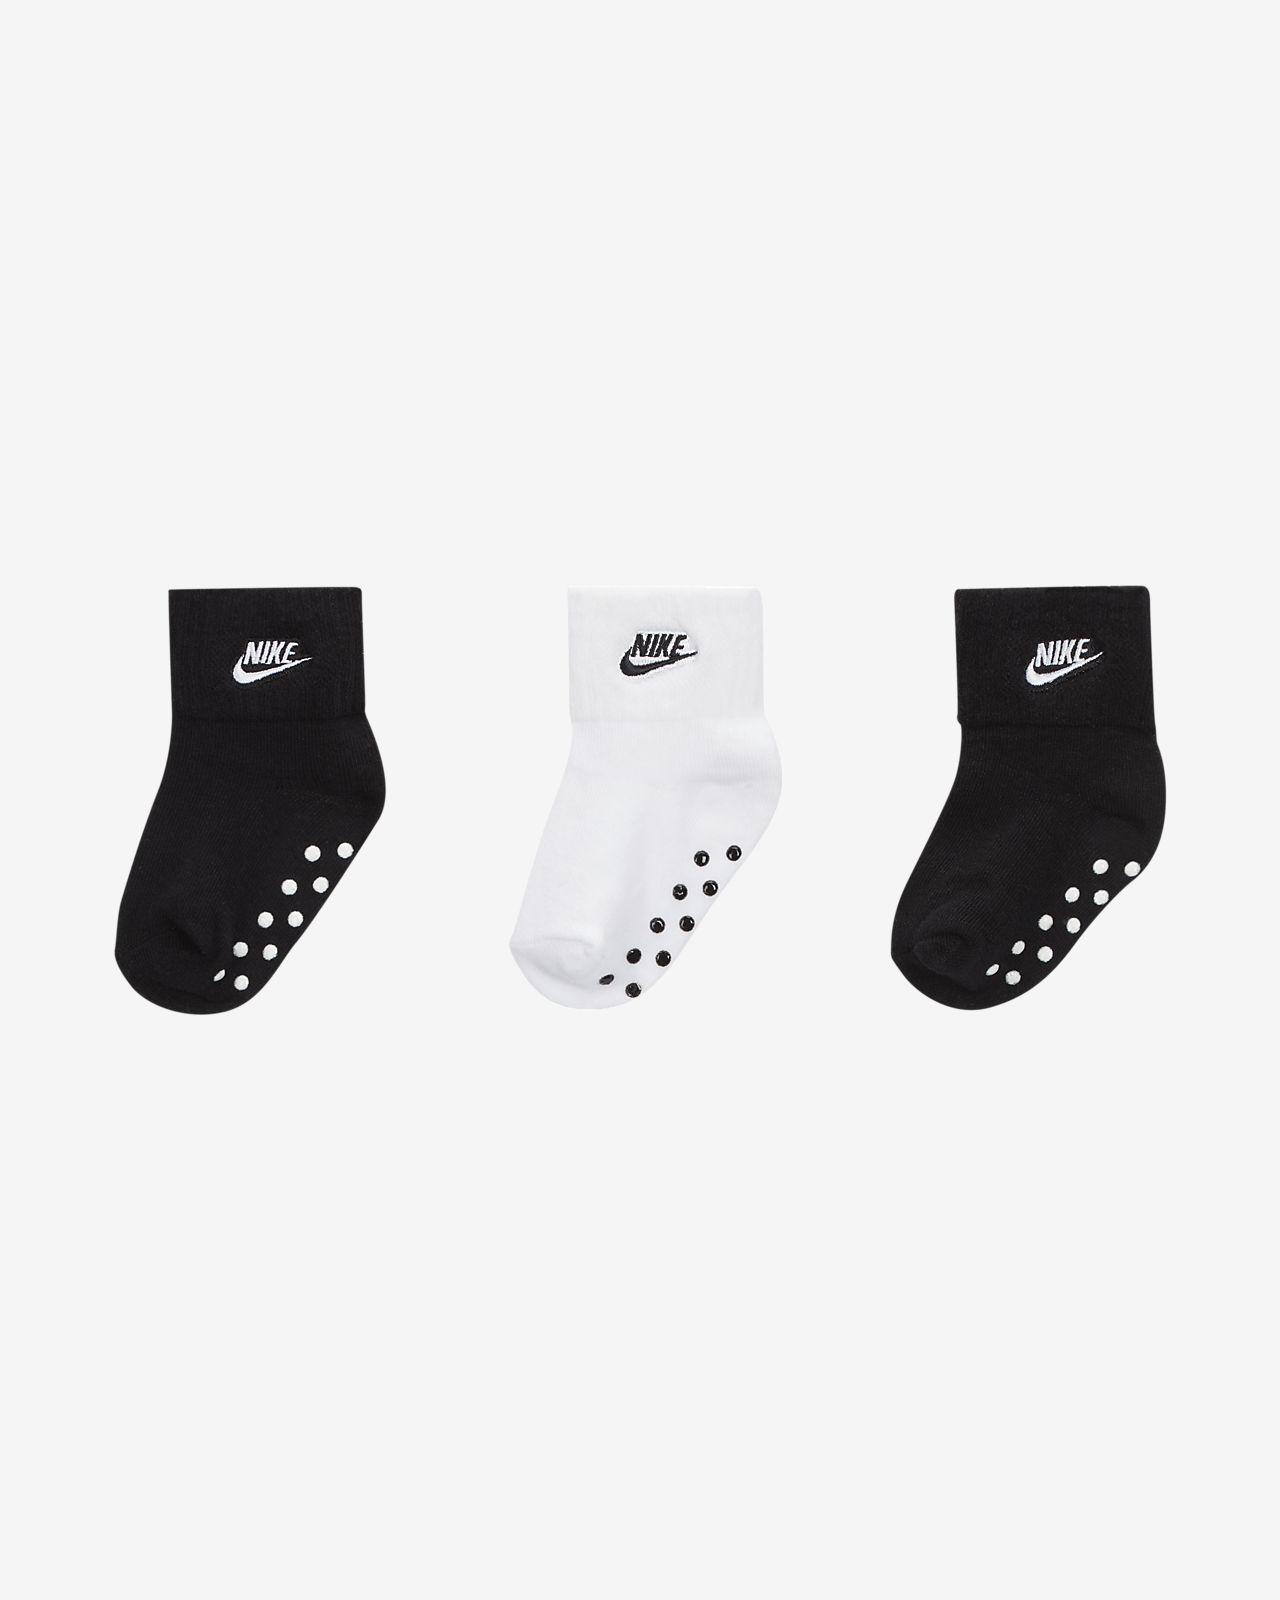 Nike Toddler Gripper Ankle Socks (3-Pack)